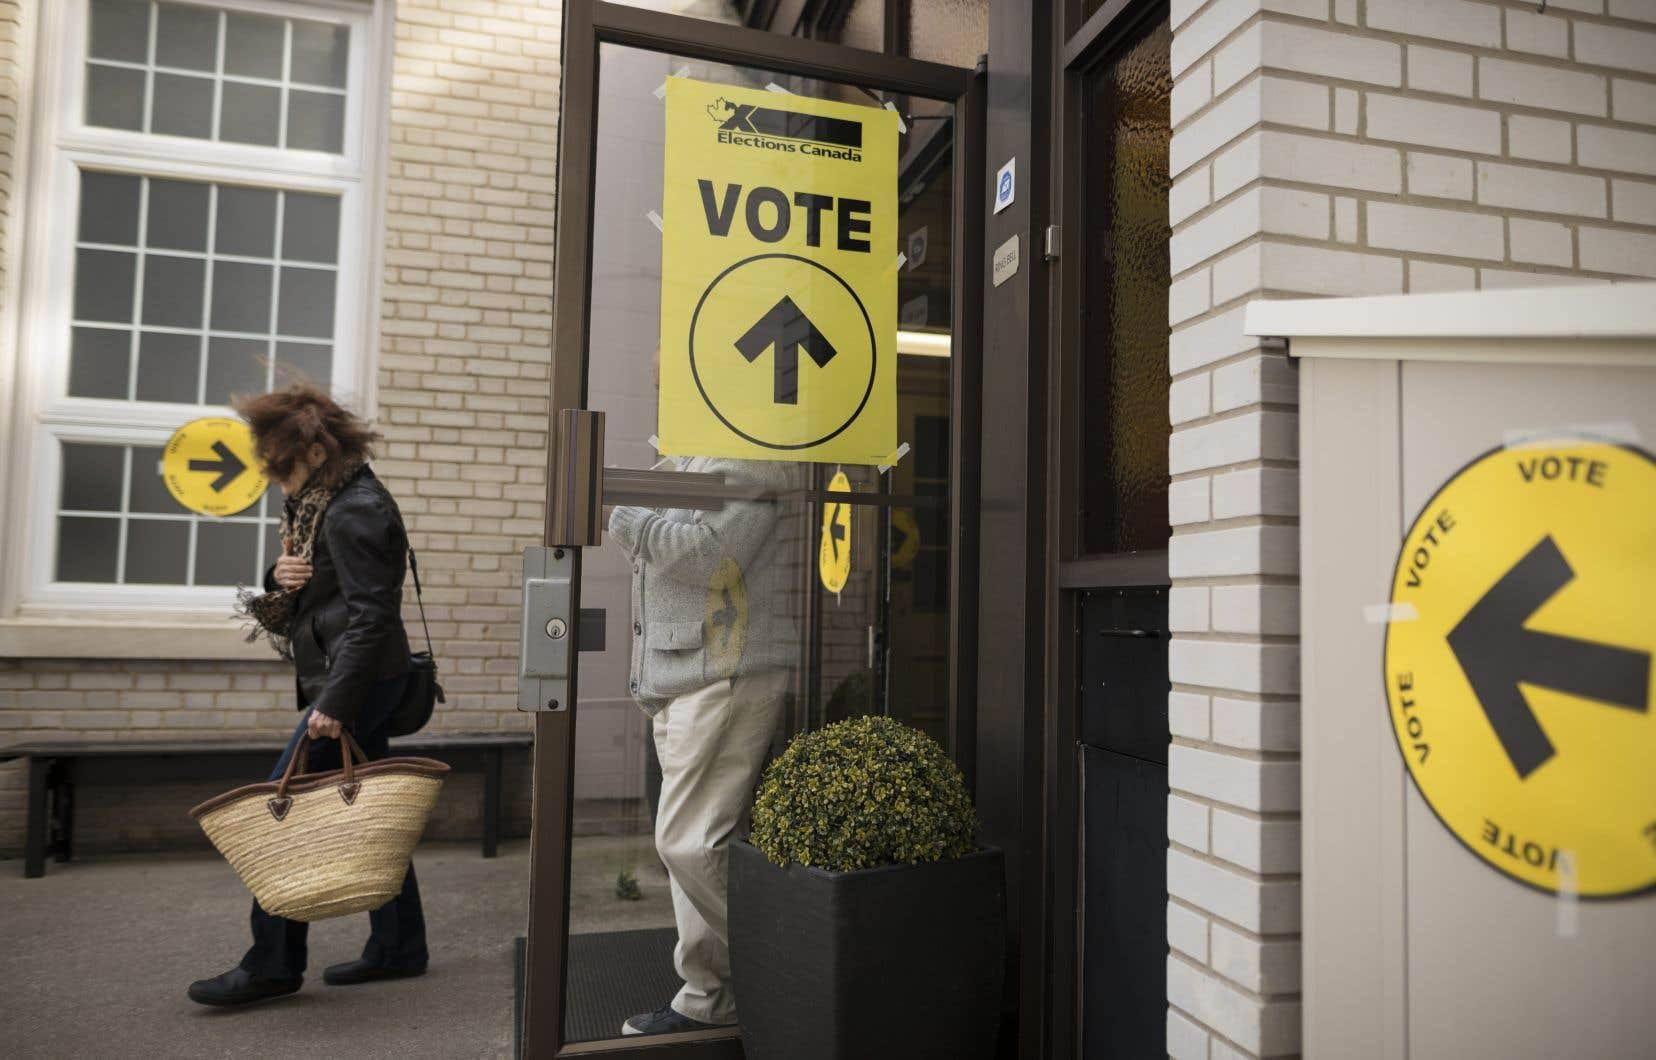 Le principal changement vise la durée du scrutin, qui se déroulerait sur trois jours, soit du samedi jusqu'au lundi habituel du vote.